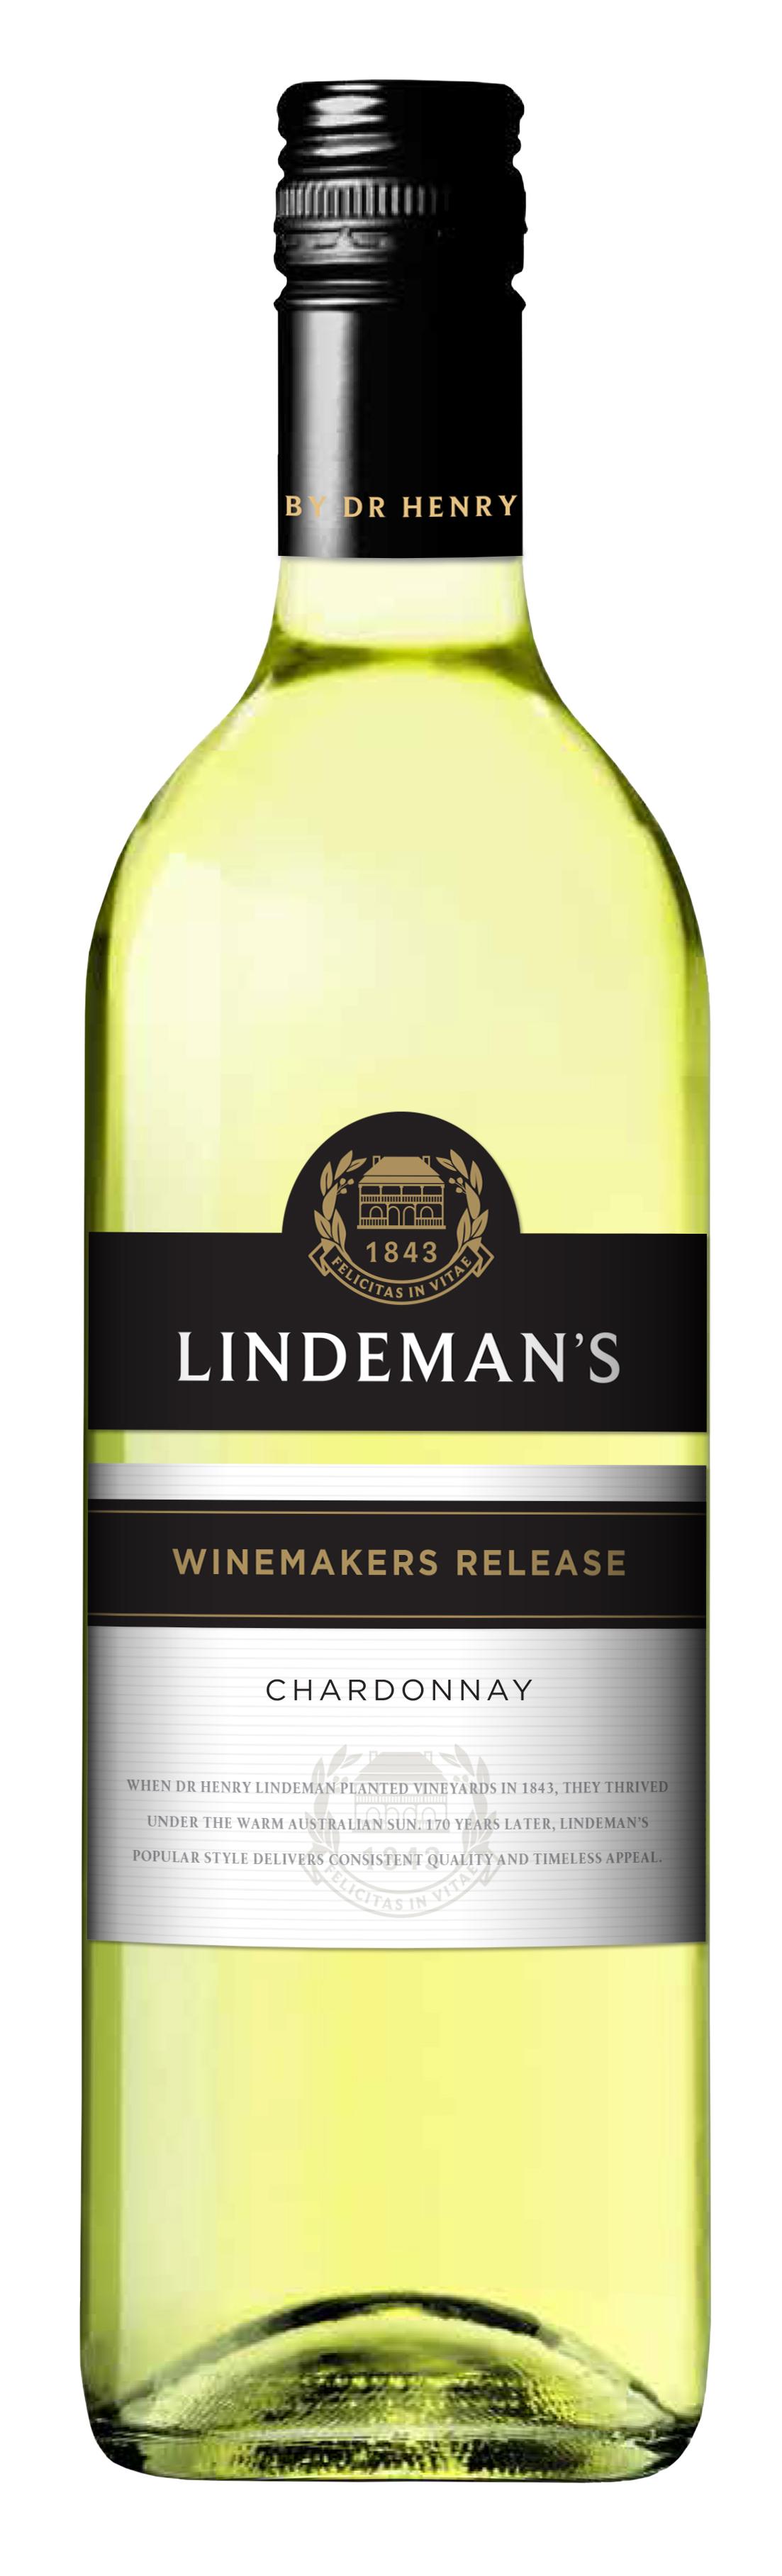 Lindeman's Winemakers Release, Chardonnay